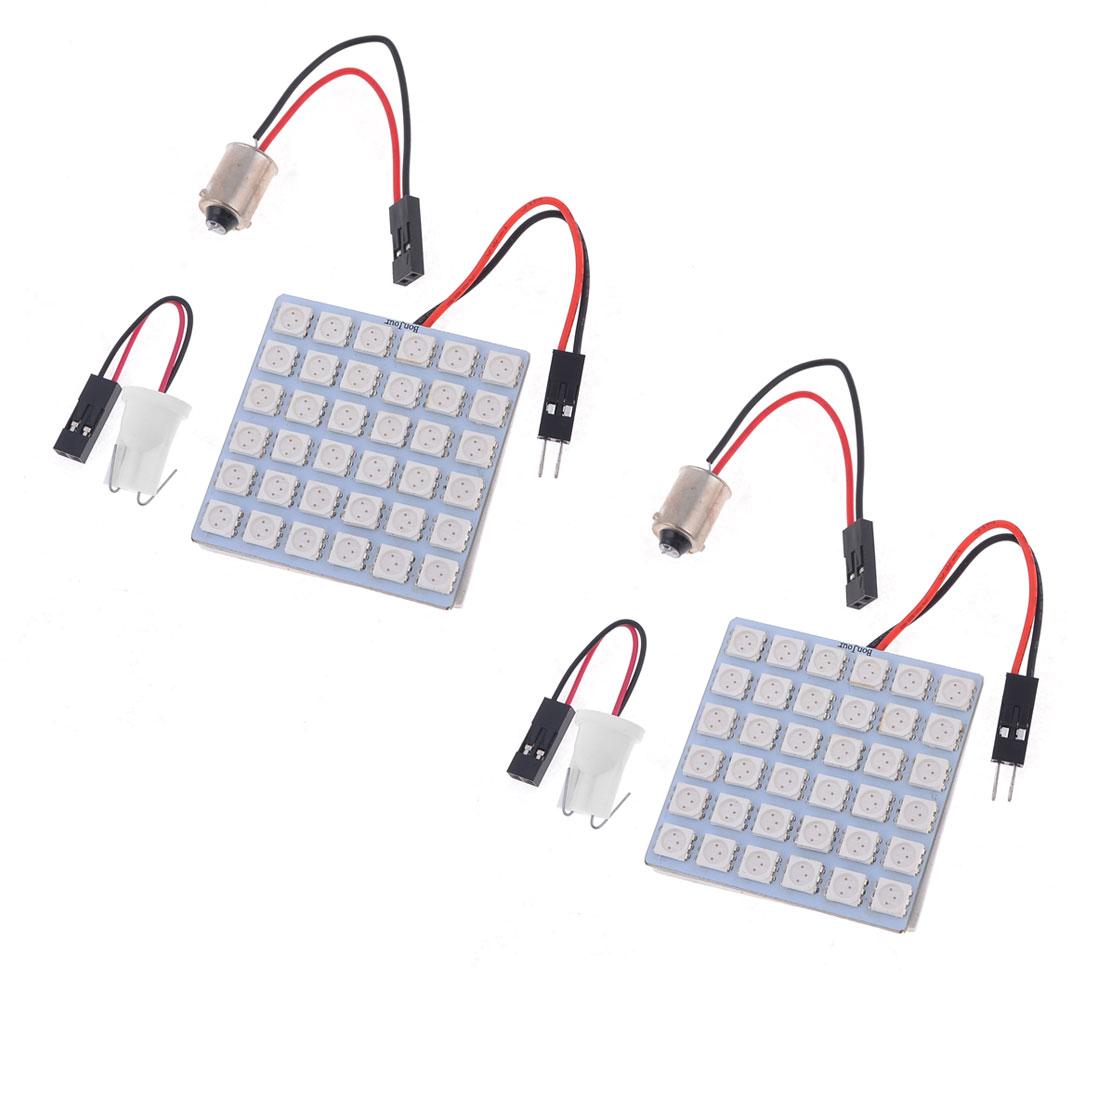 2pcs Red Light Panel 36-SMD 5050 LED Lamp T10 Festoon Dome Bulb BA9S Adapter 12V